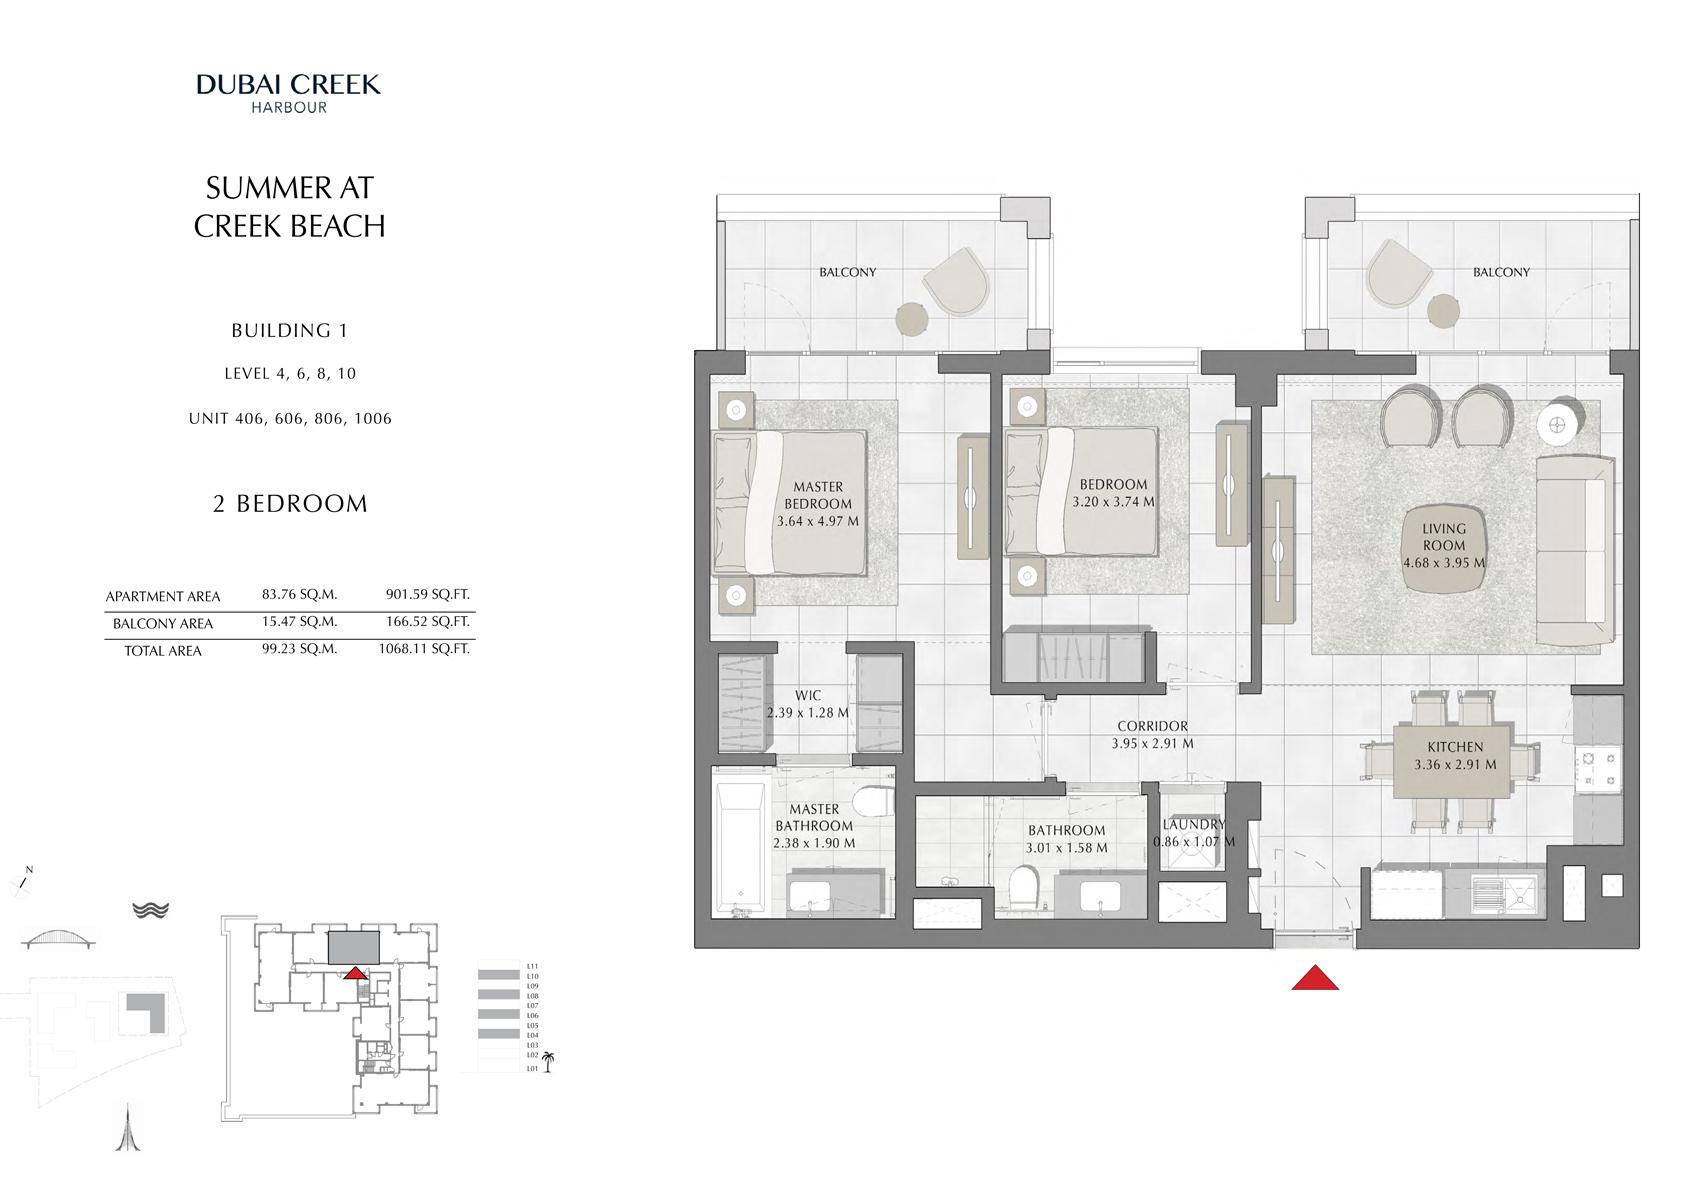 2 Br Building 1 Level-4-6-8-10 Unit 406-606-806-1006, Size 1068 Sq Ft